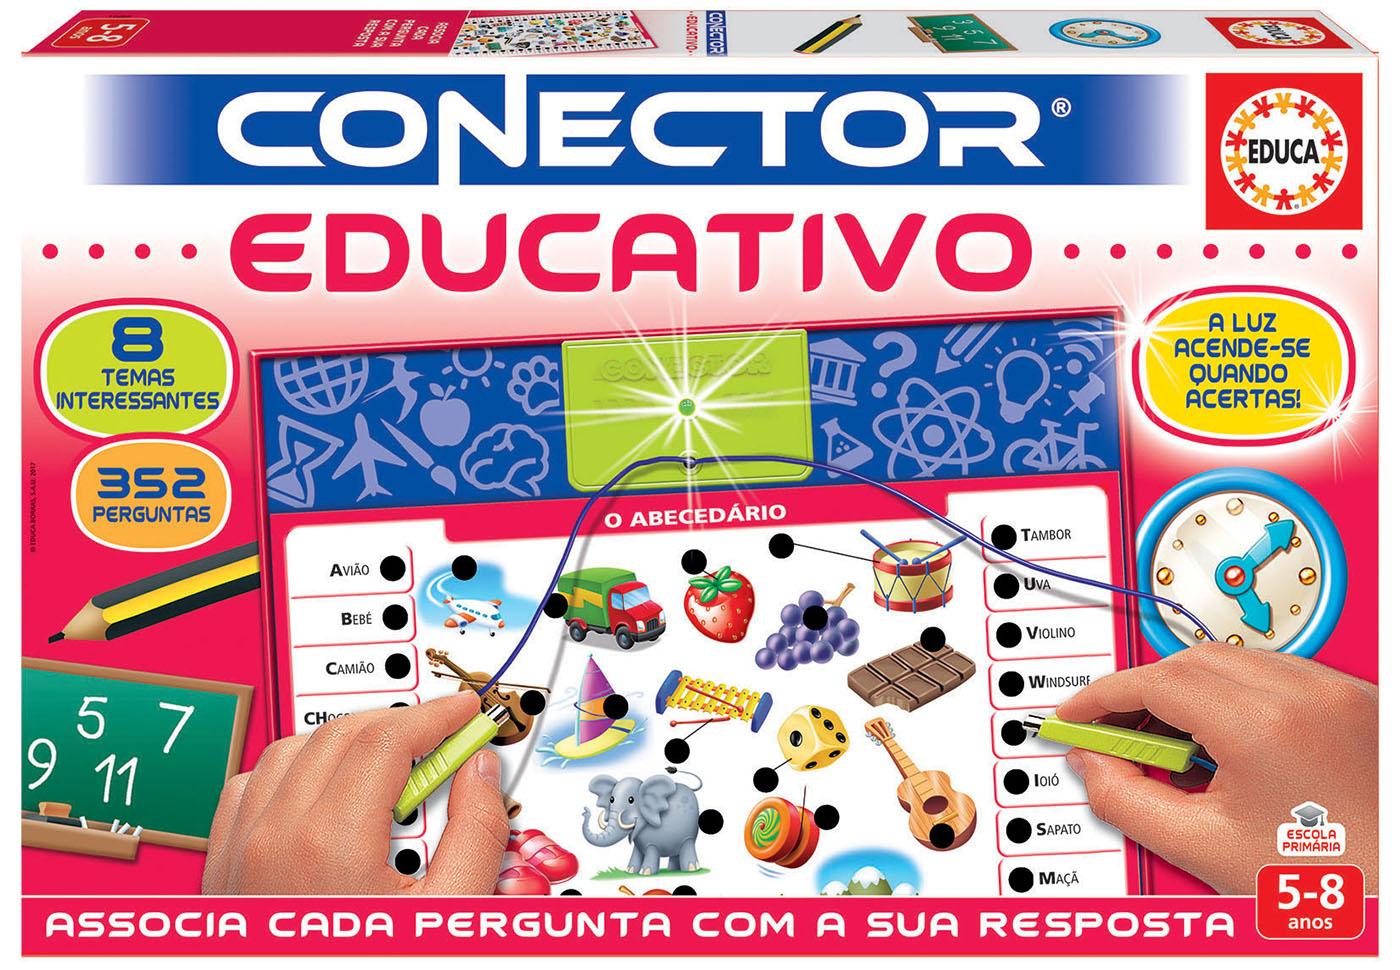 Conector® Educativo